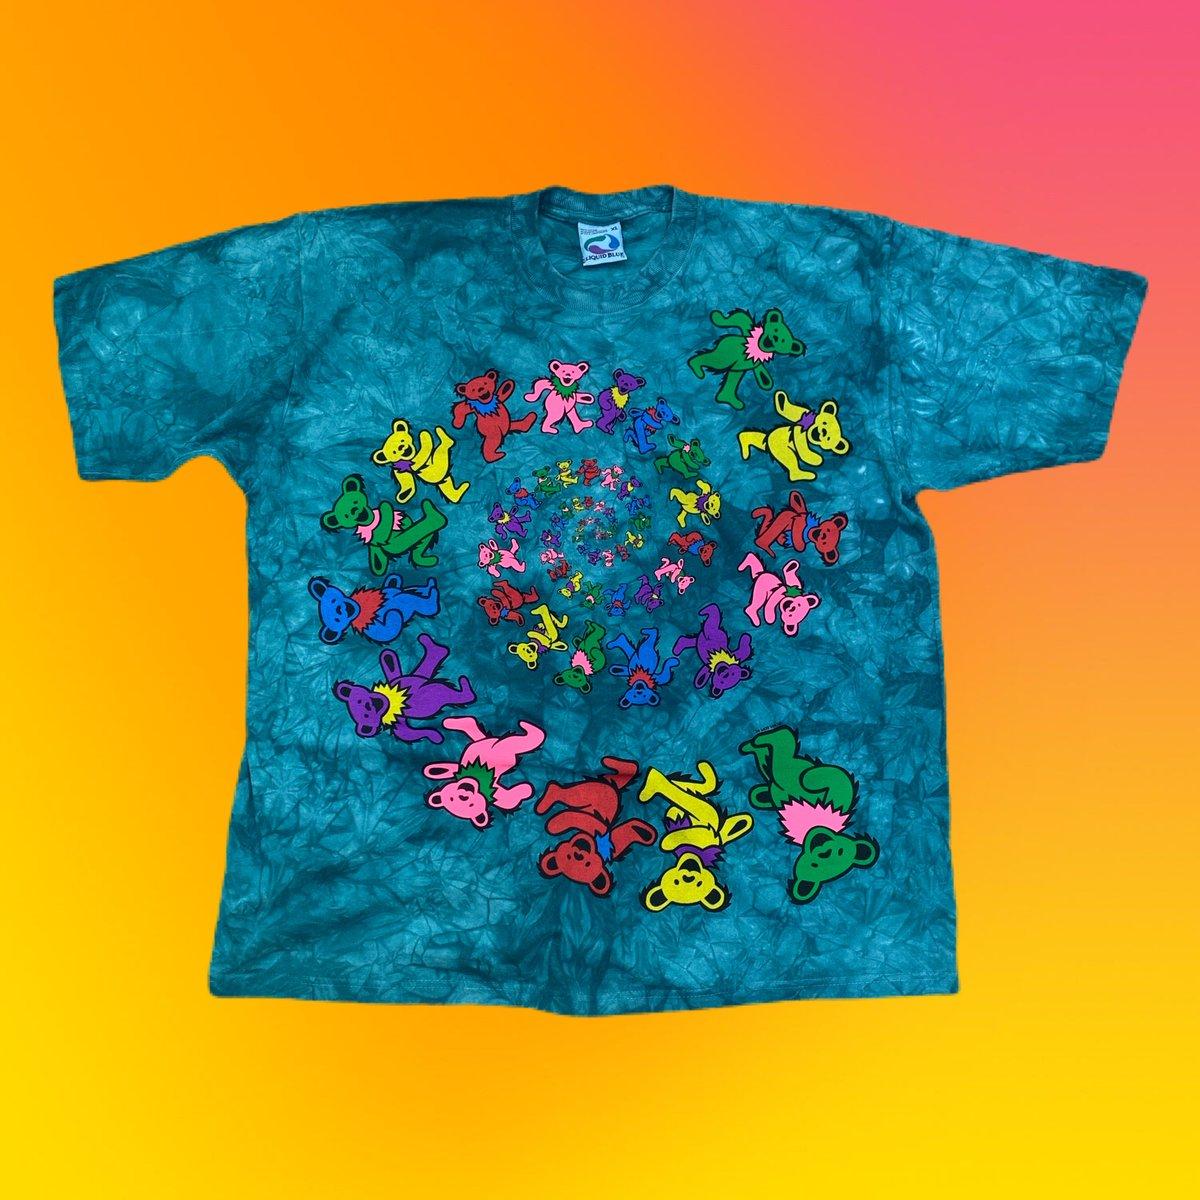 X-Large Original Vintage Grateful Dead 90's Spiral Bears Dye!